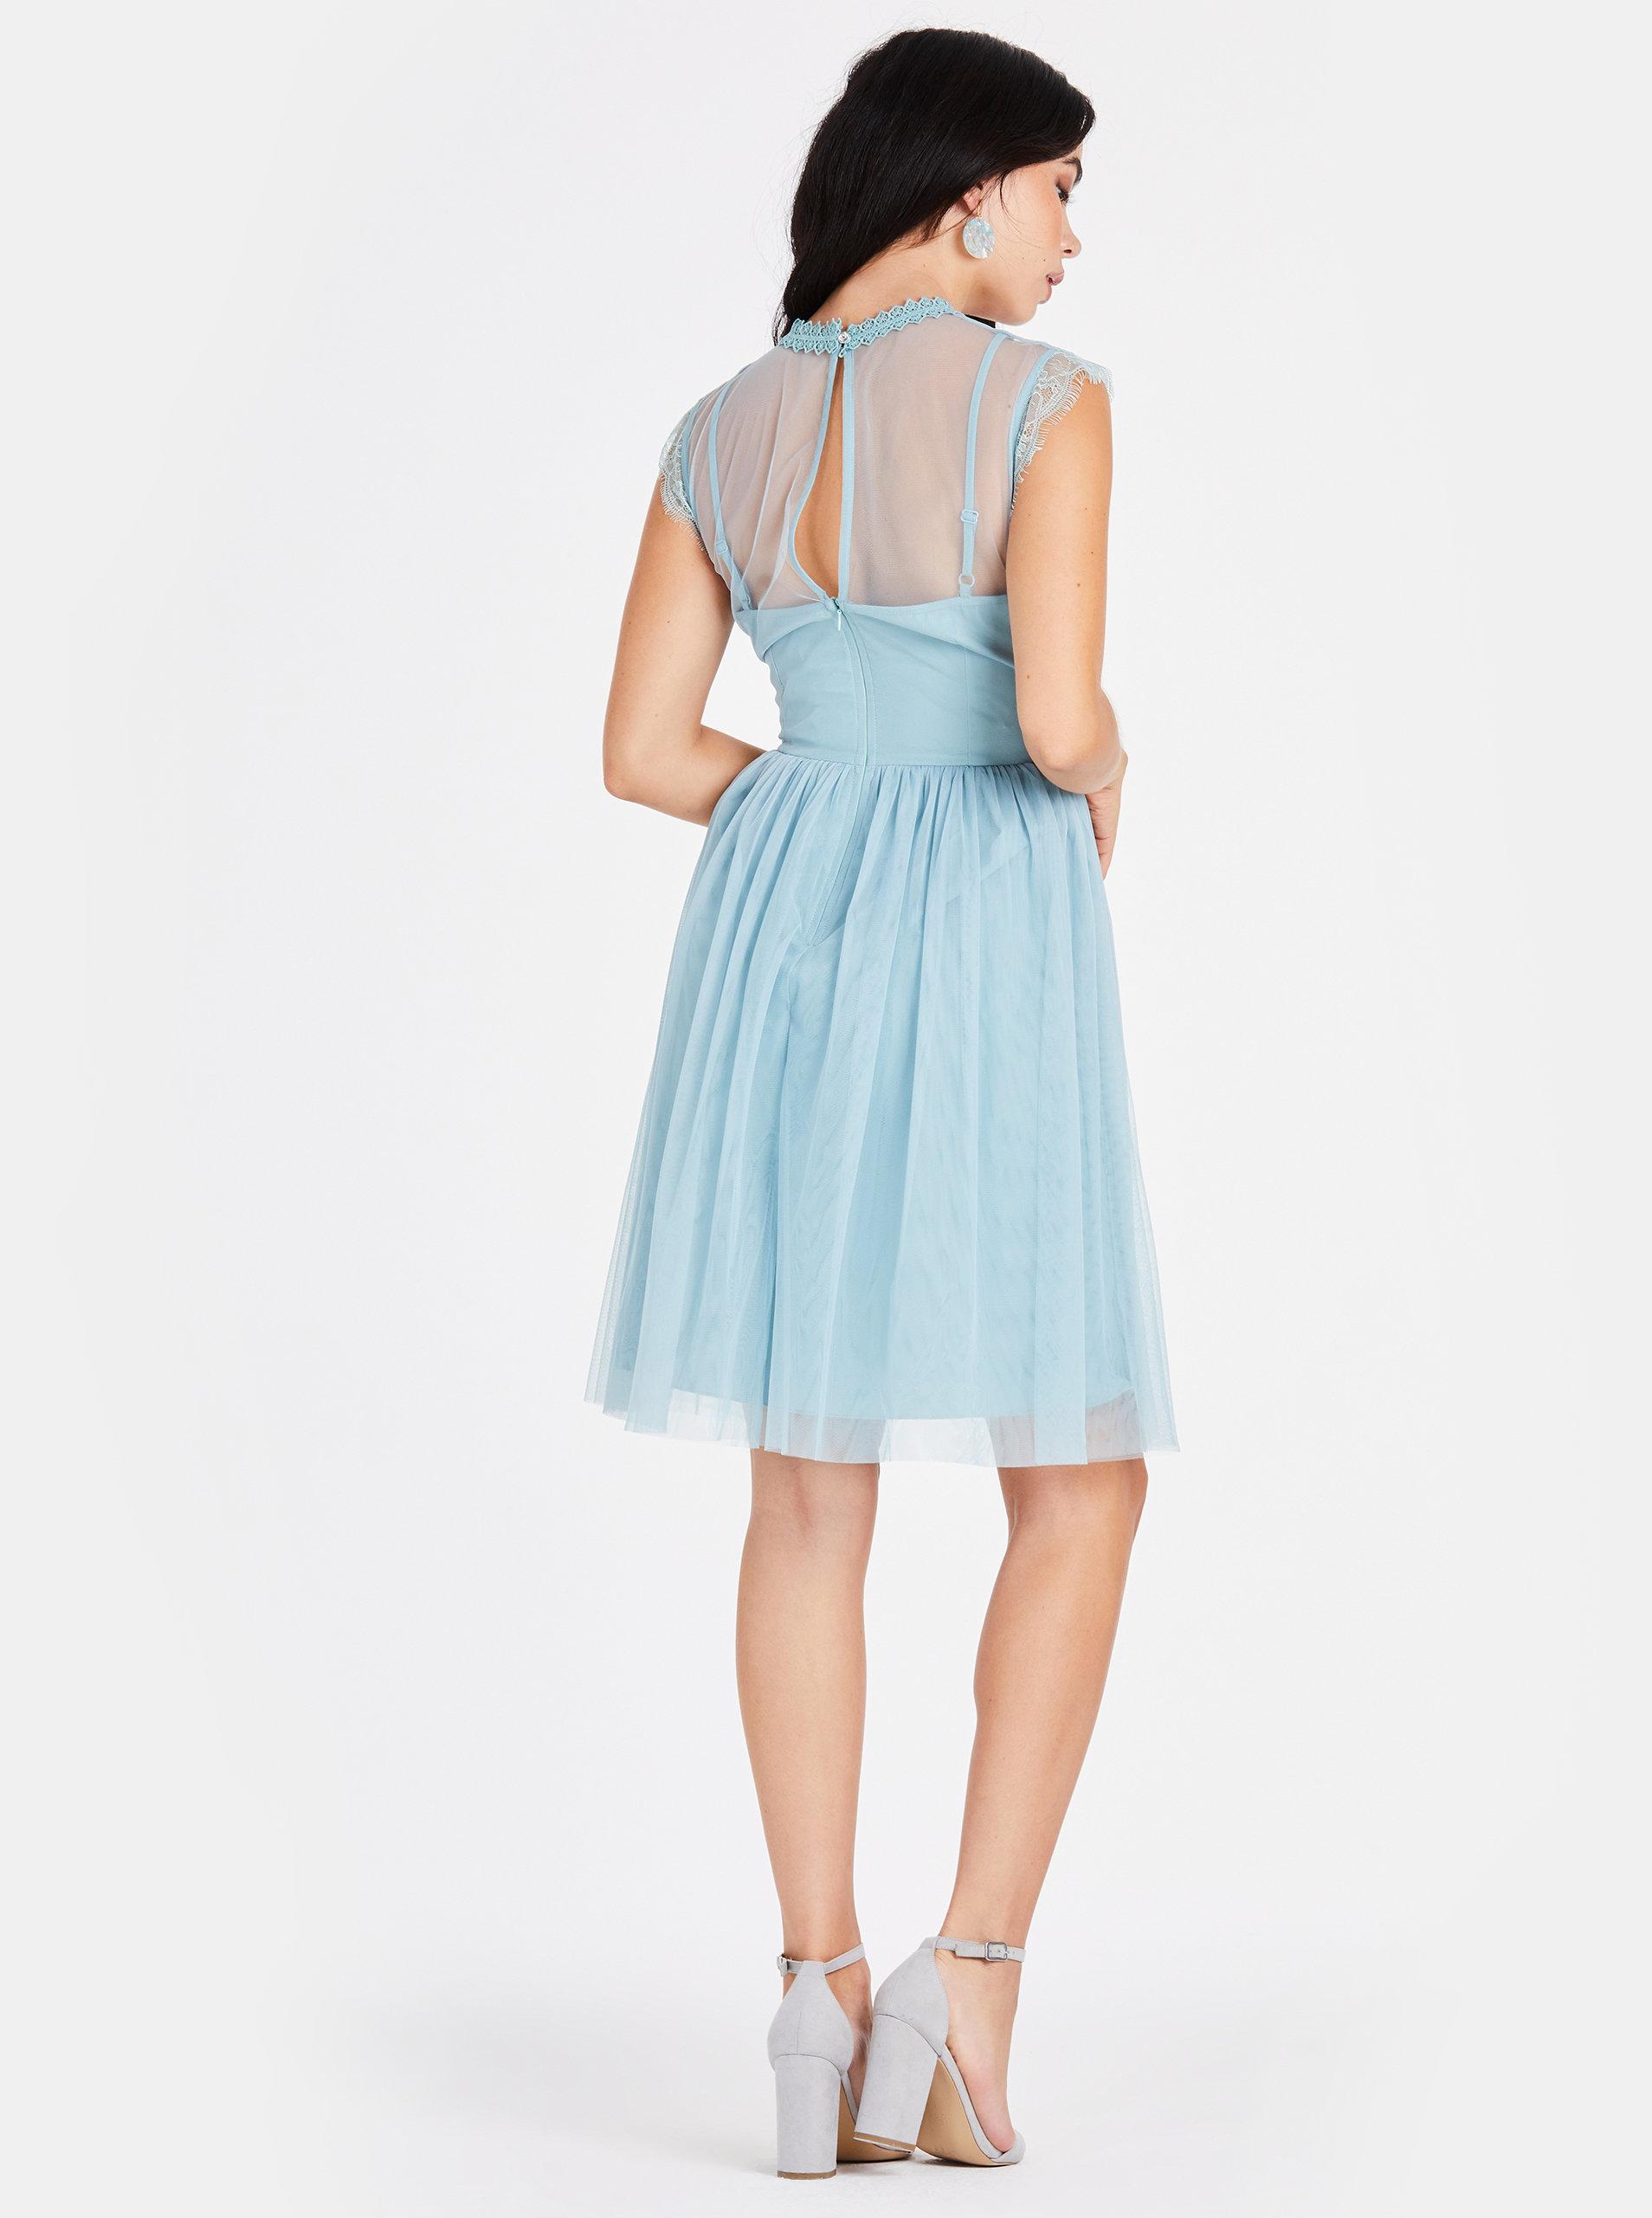 825f6e84cd42 Svetlomodré šaty s čipkovaným topom Little Mistress ...